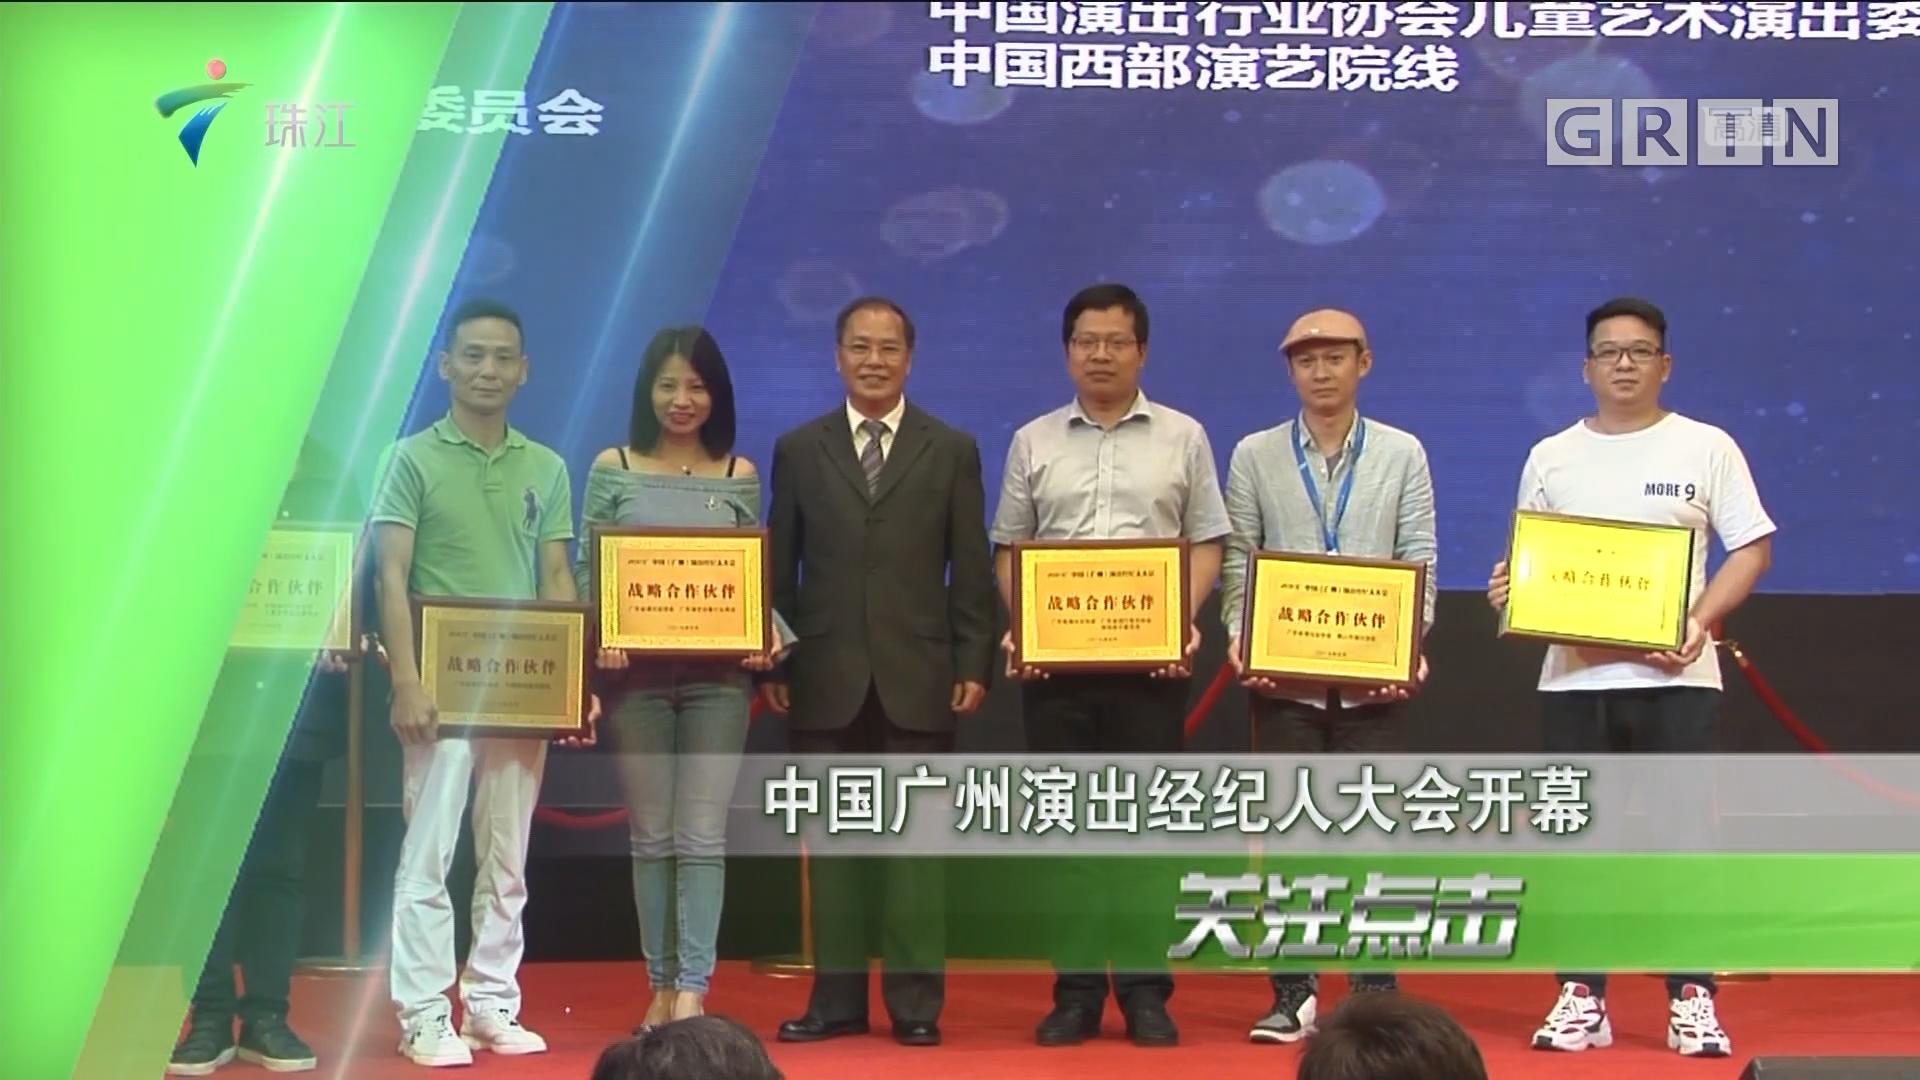 中国广州演出经纪人大会开幕